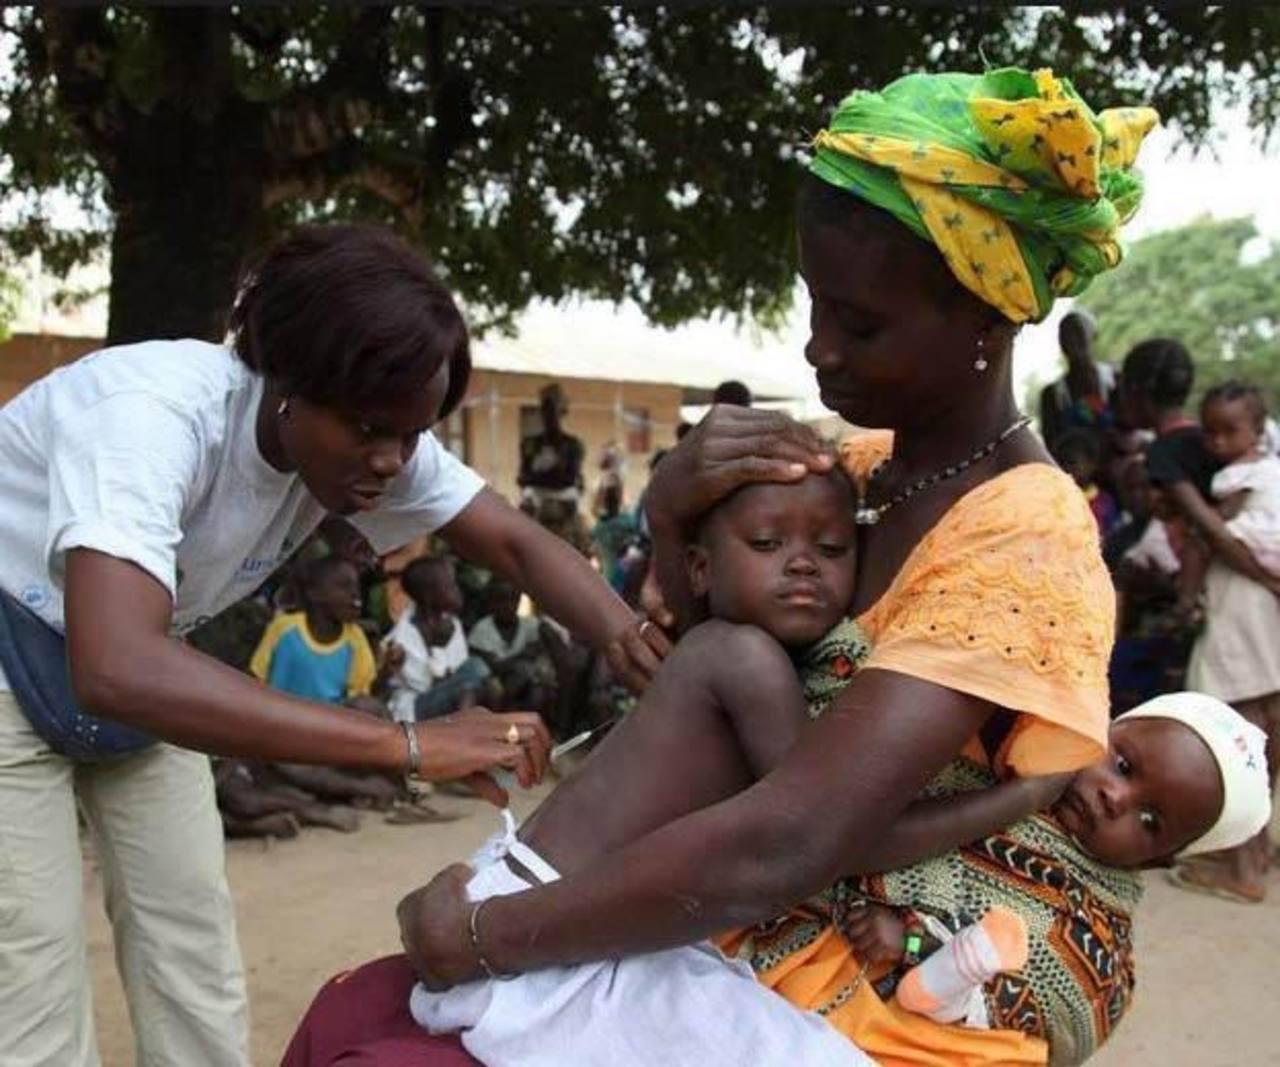 Es la mayor campaña de vacunación desde el inicio del brote para proteger a millones de niños contra enfermedades.